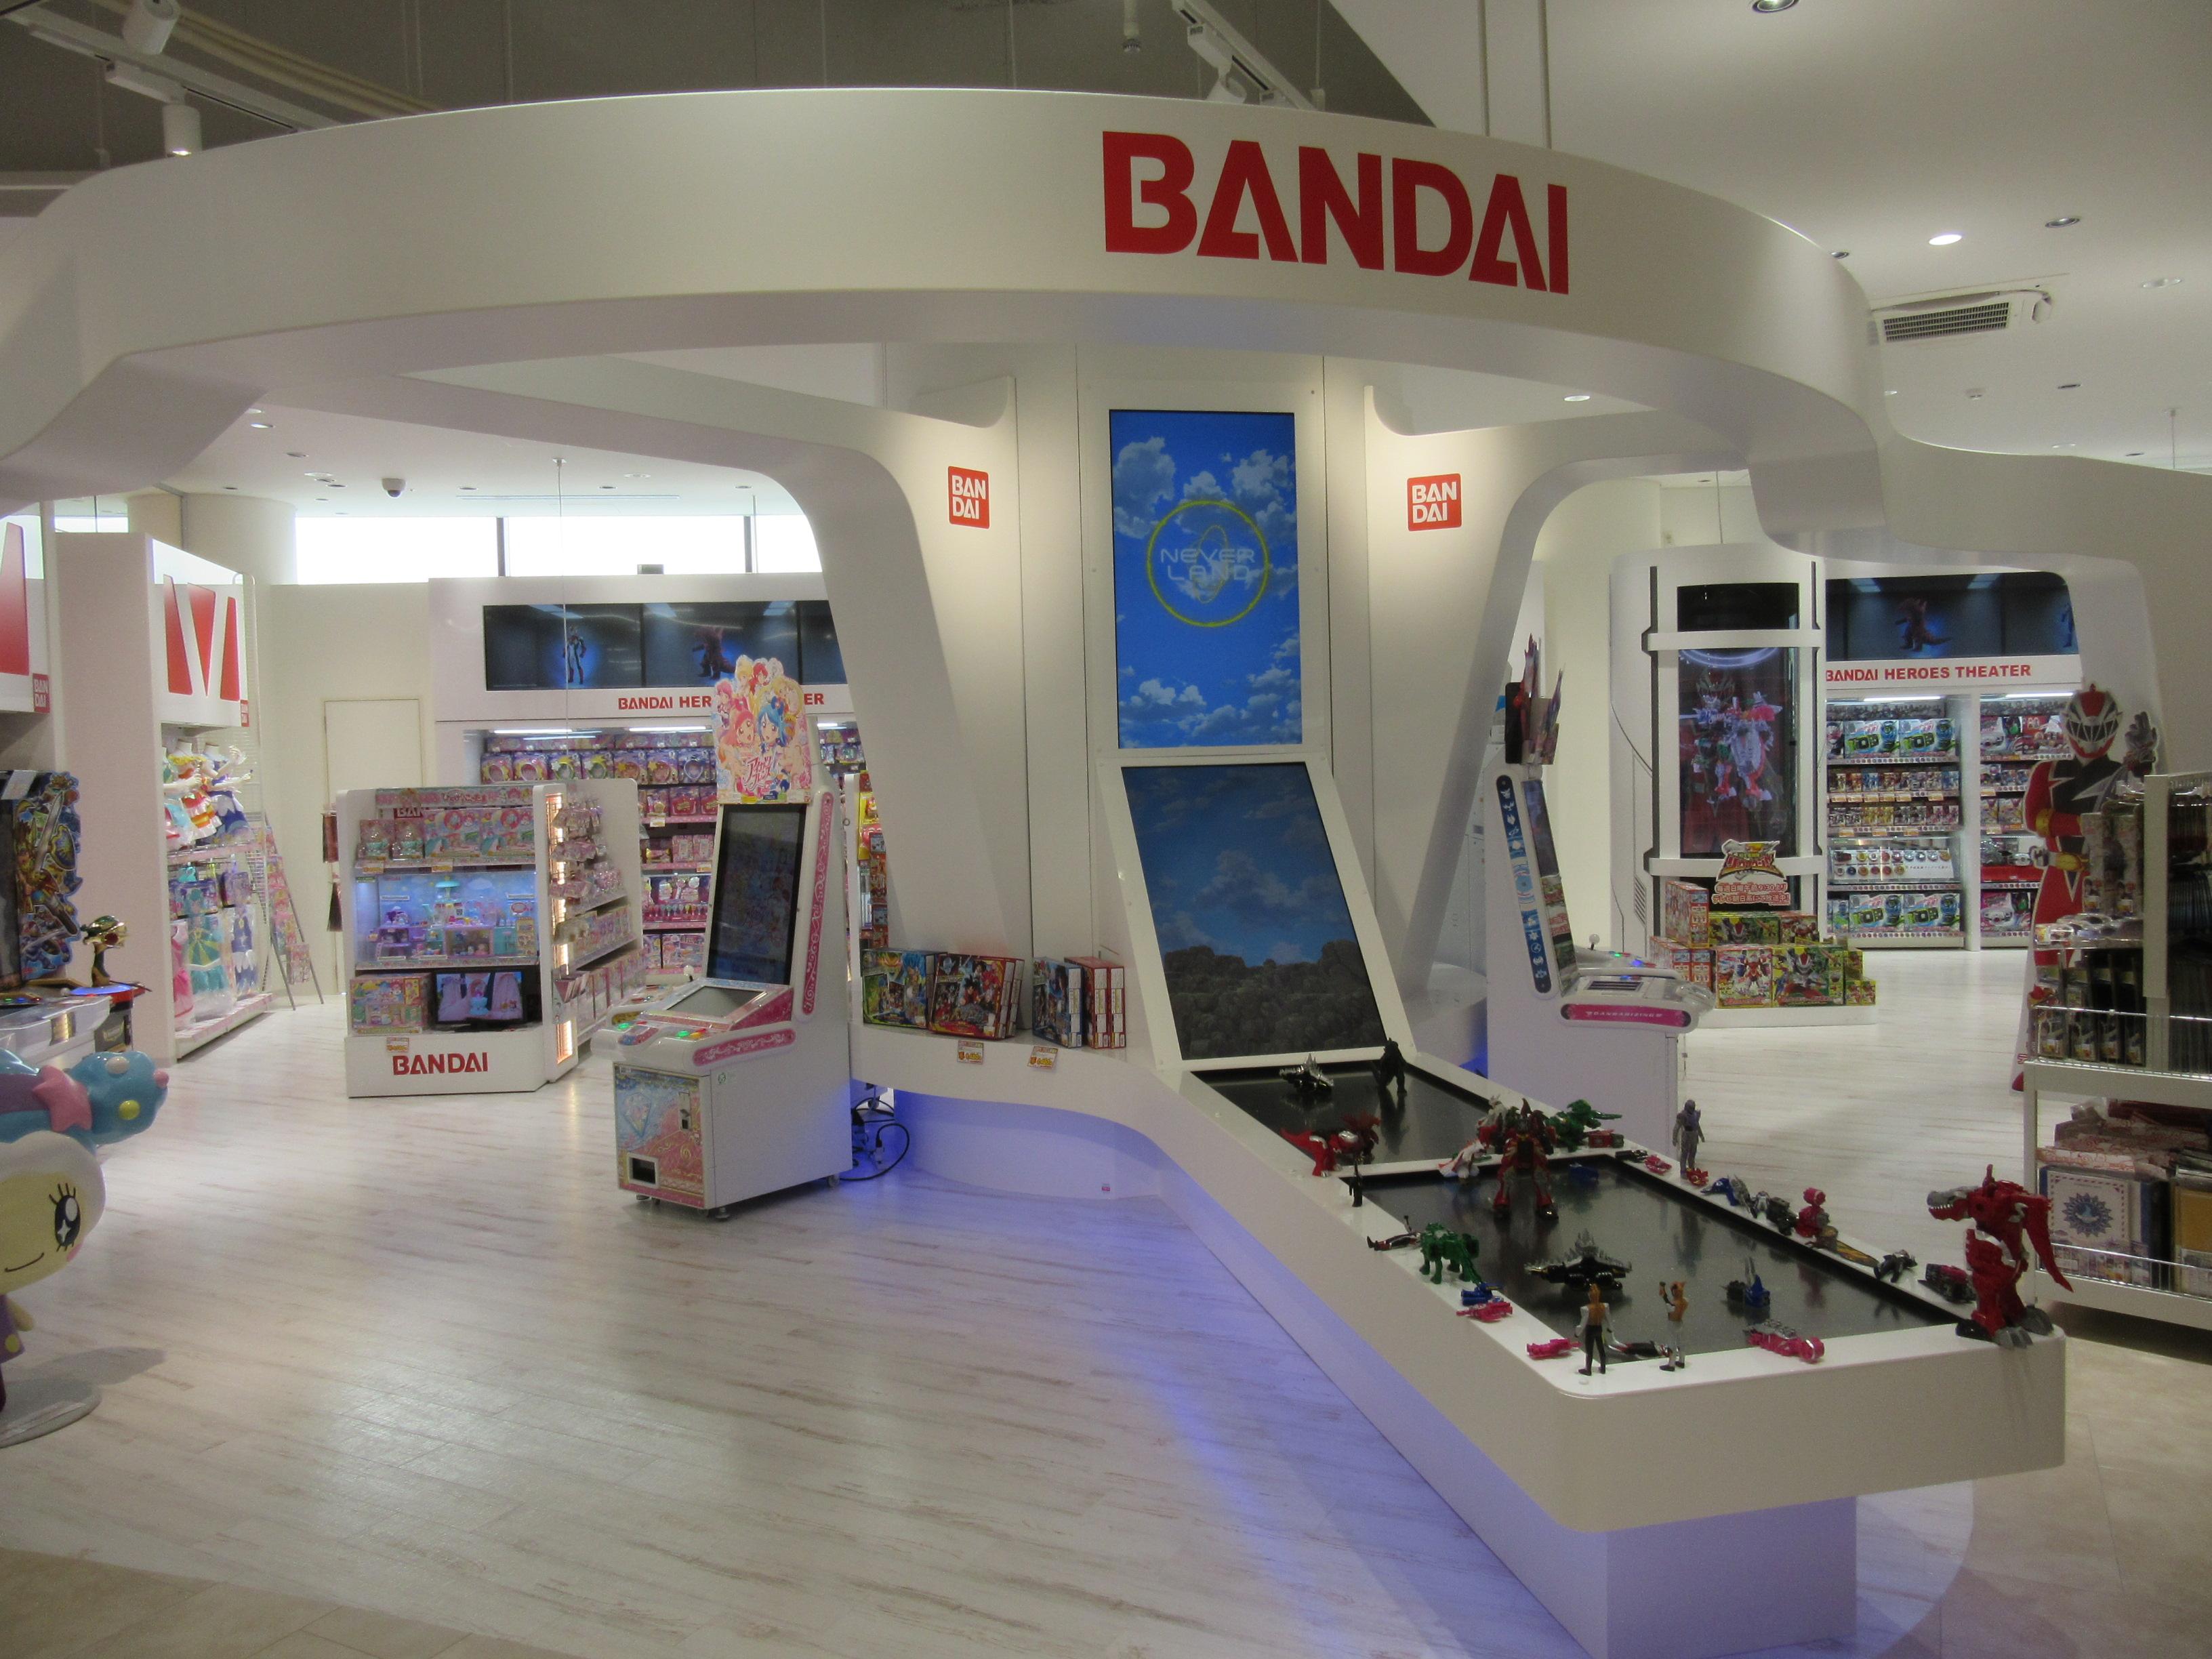 バンダイブースでは、バンダイのキャラクターグッズを集めている